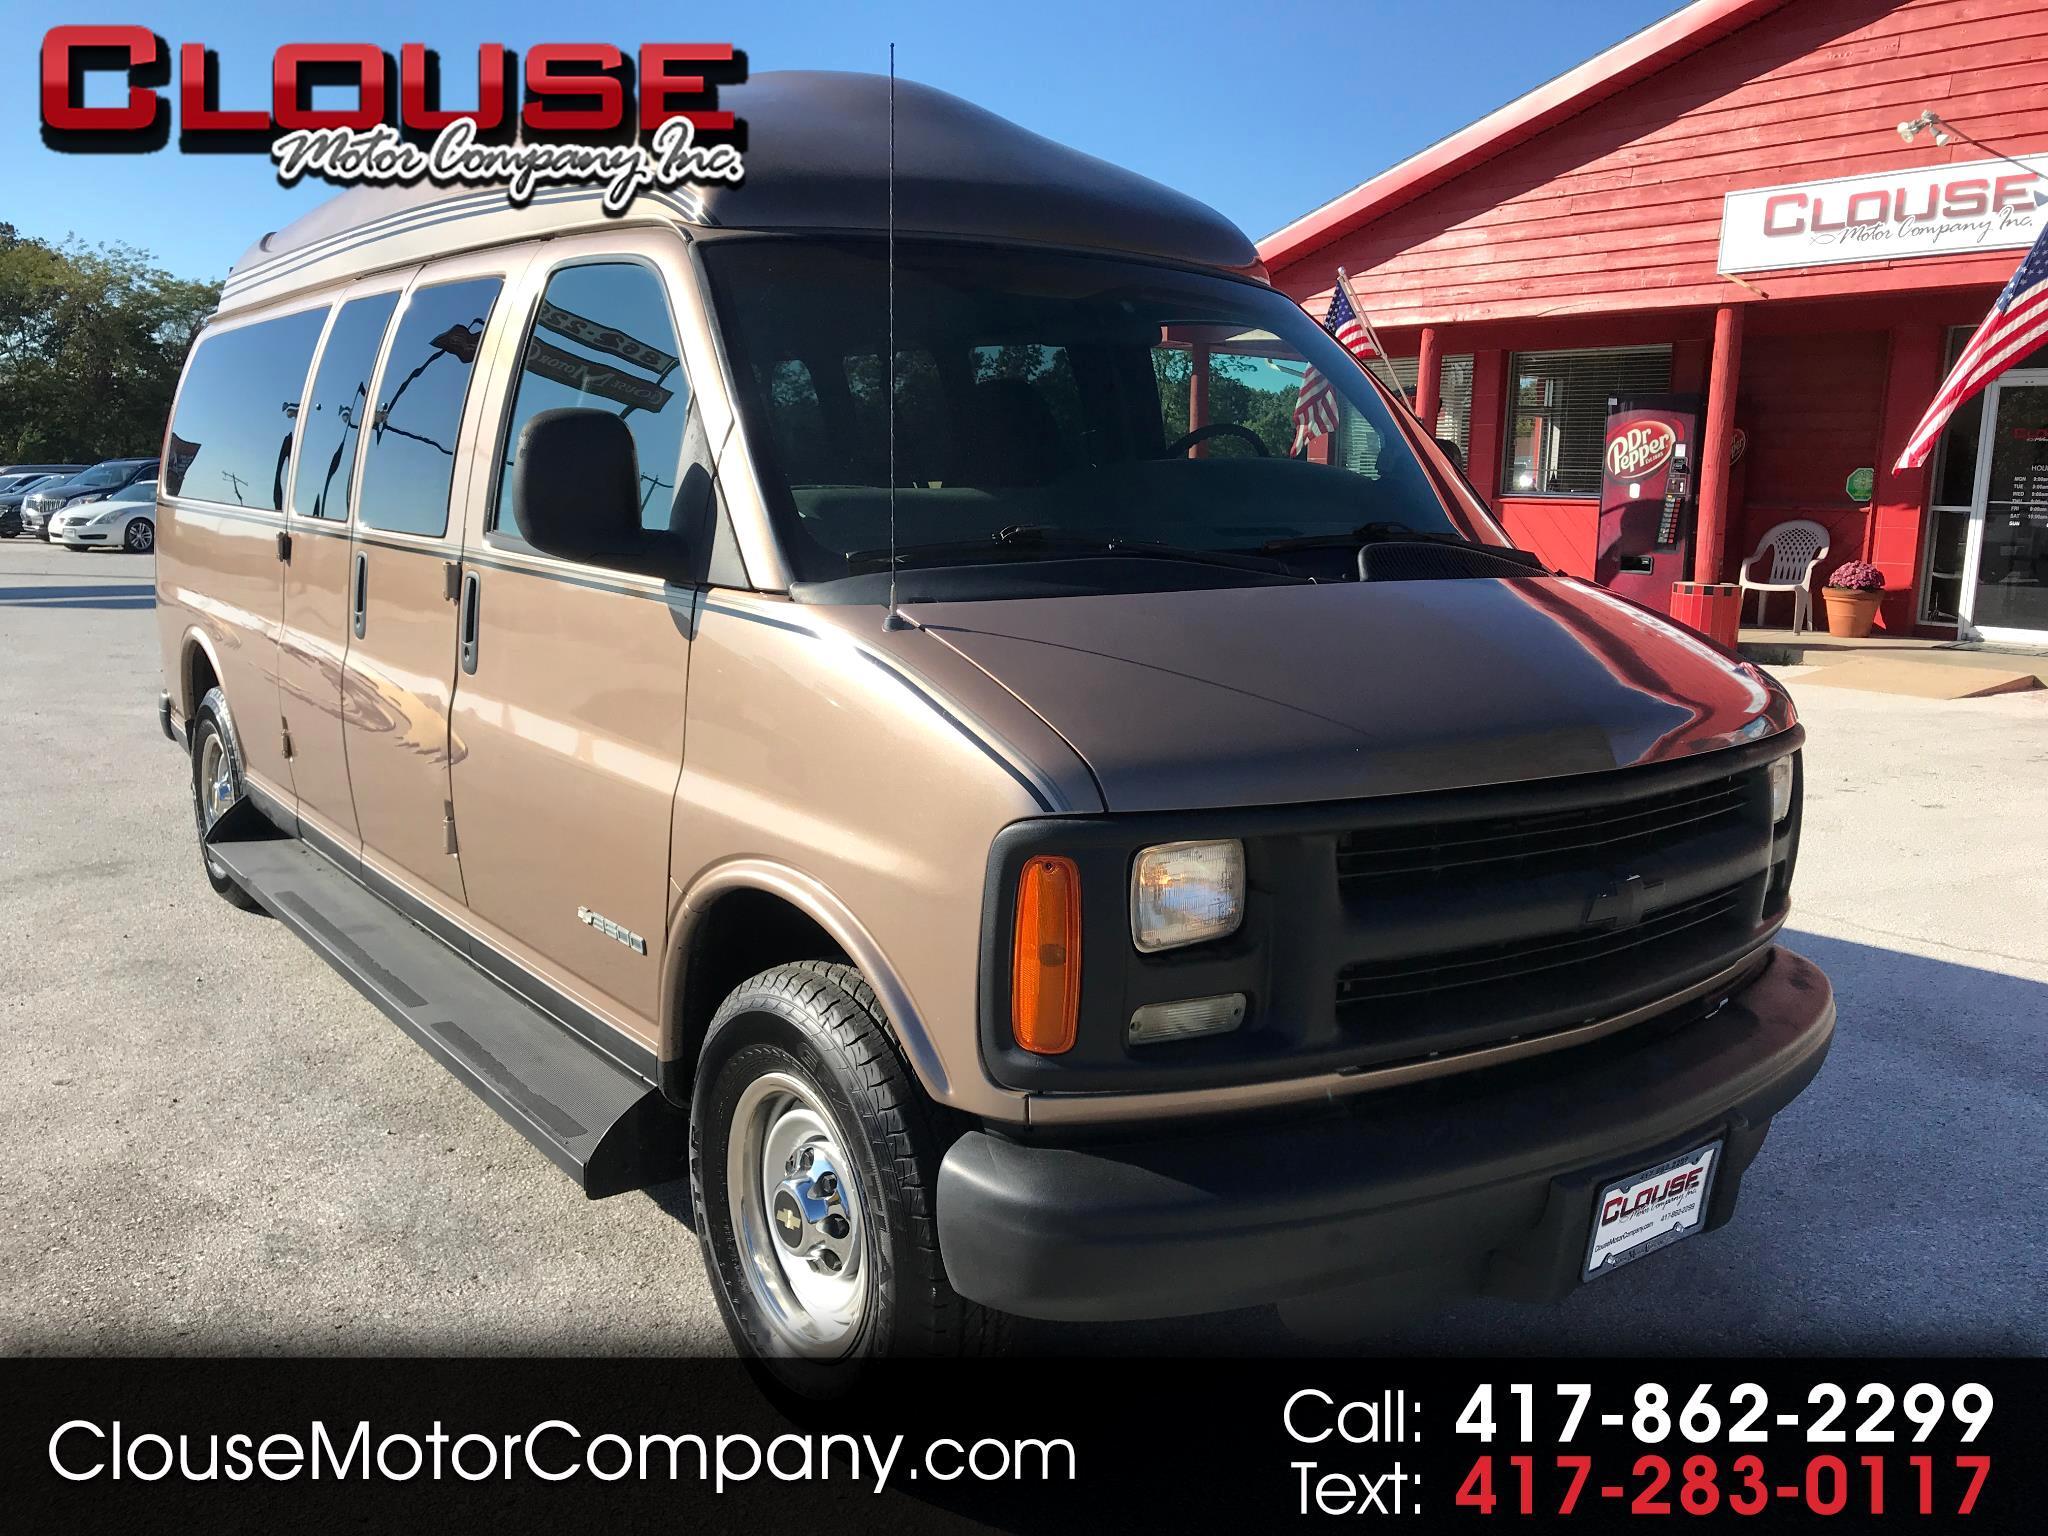 2002 Chevrolet Express Van 3500 155